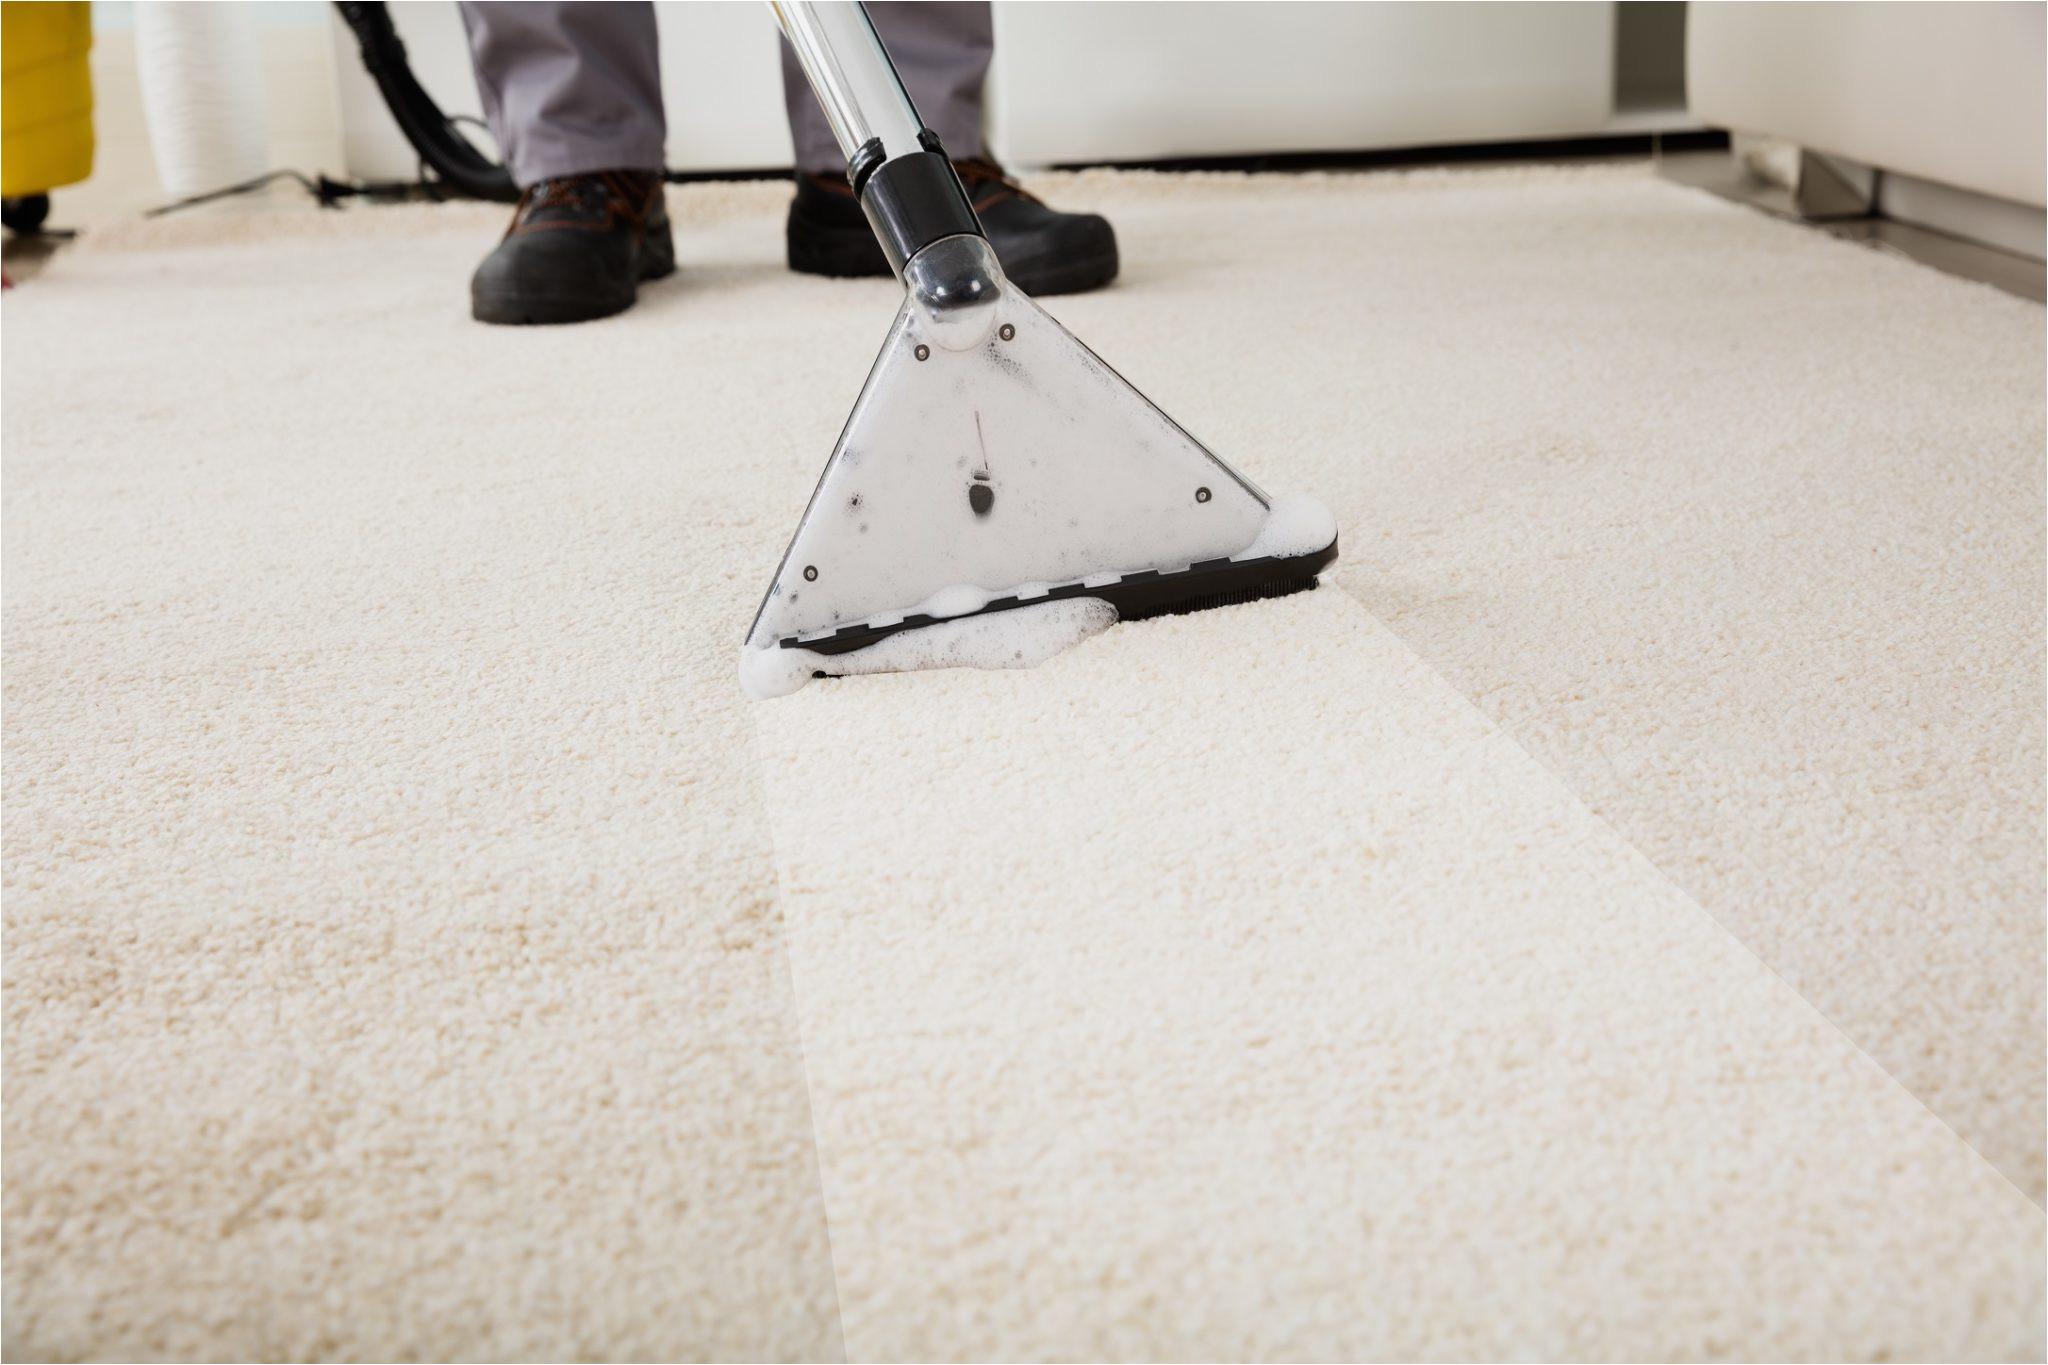 carpet cleaners stafford va elegant carpet cleaning fredericksburg va area free quotes of carpet cleaners stafford va jpg